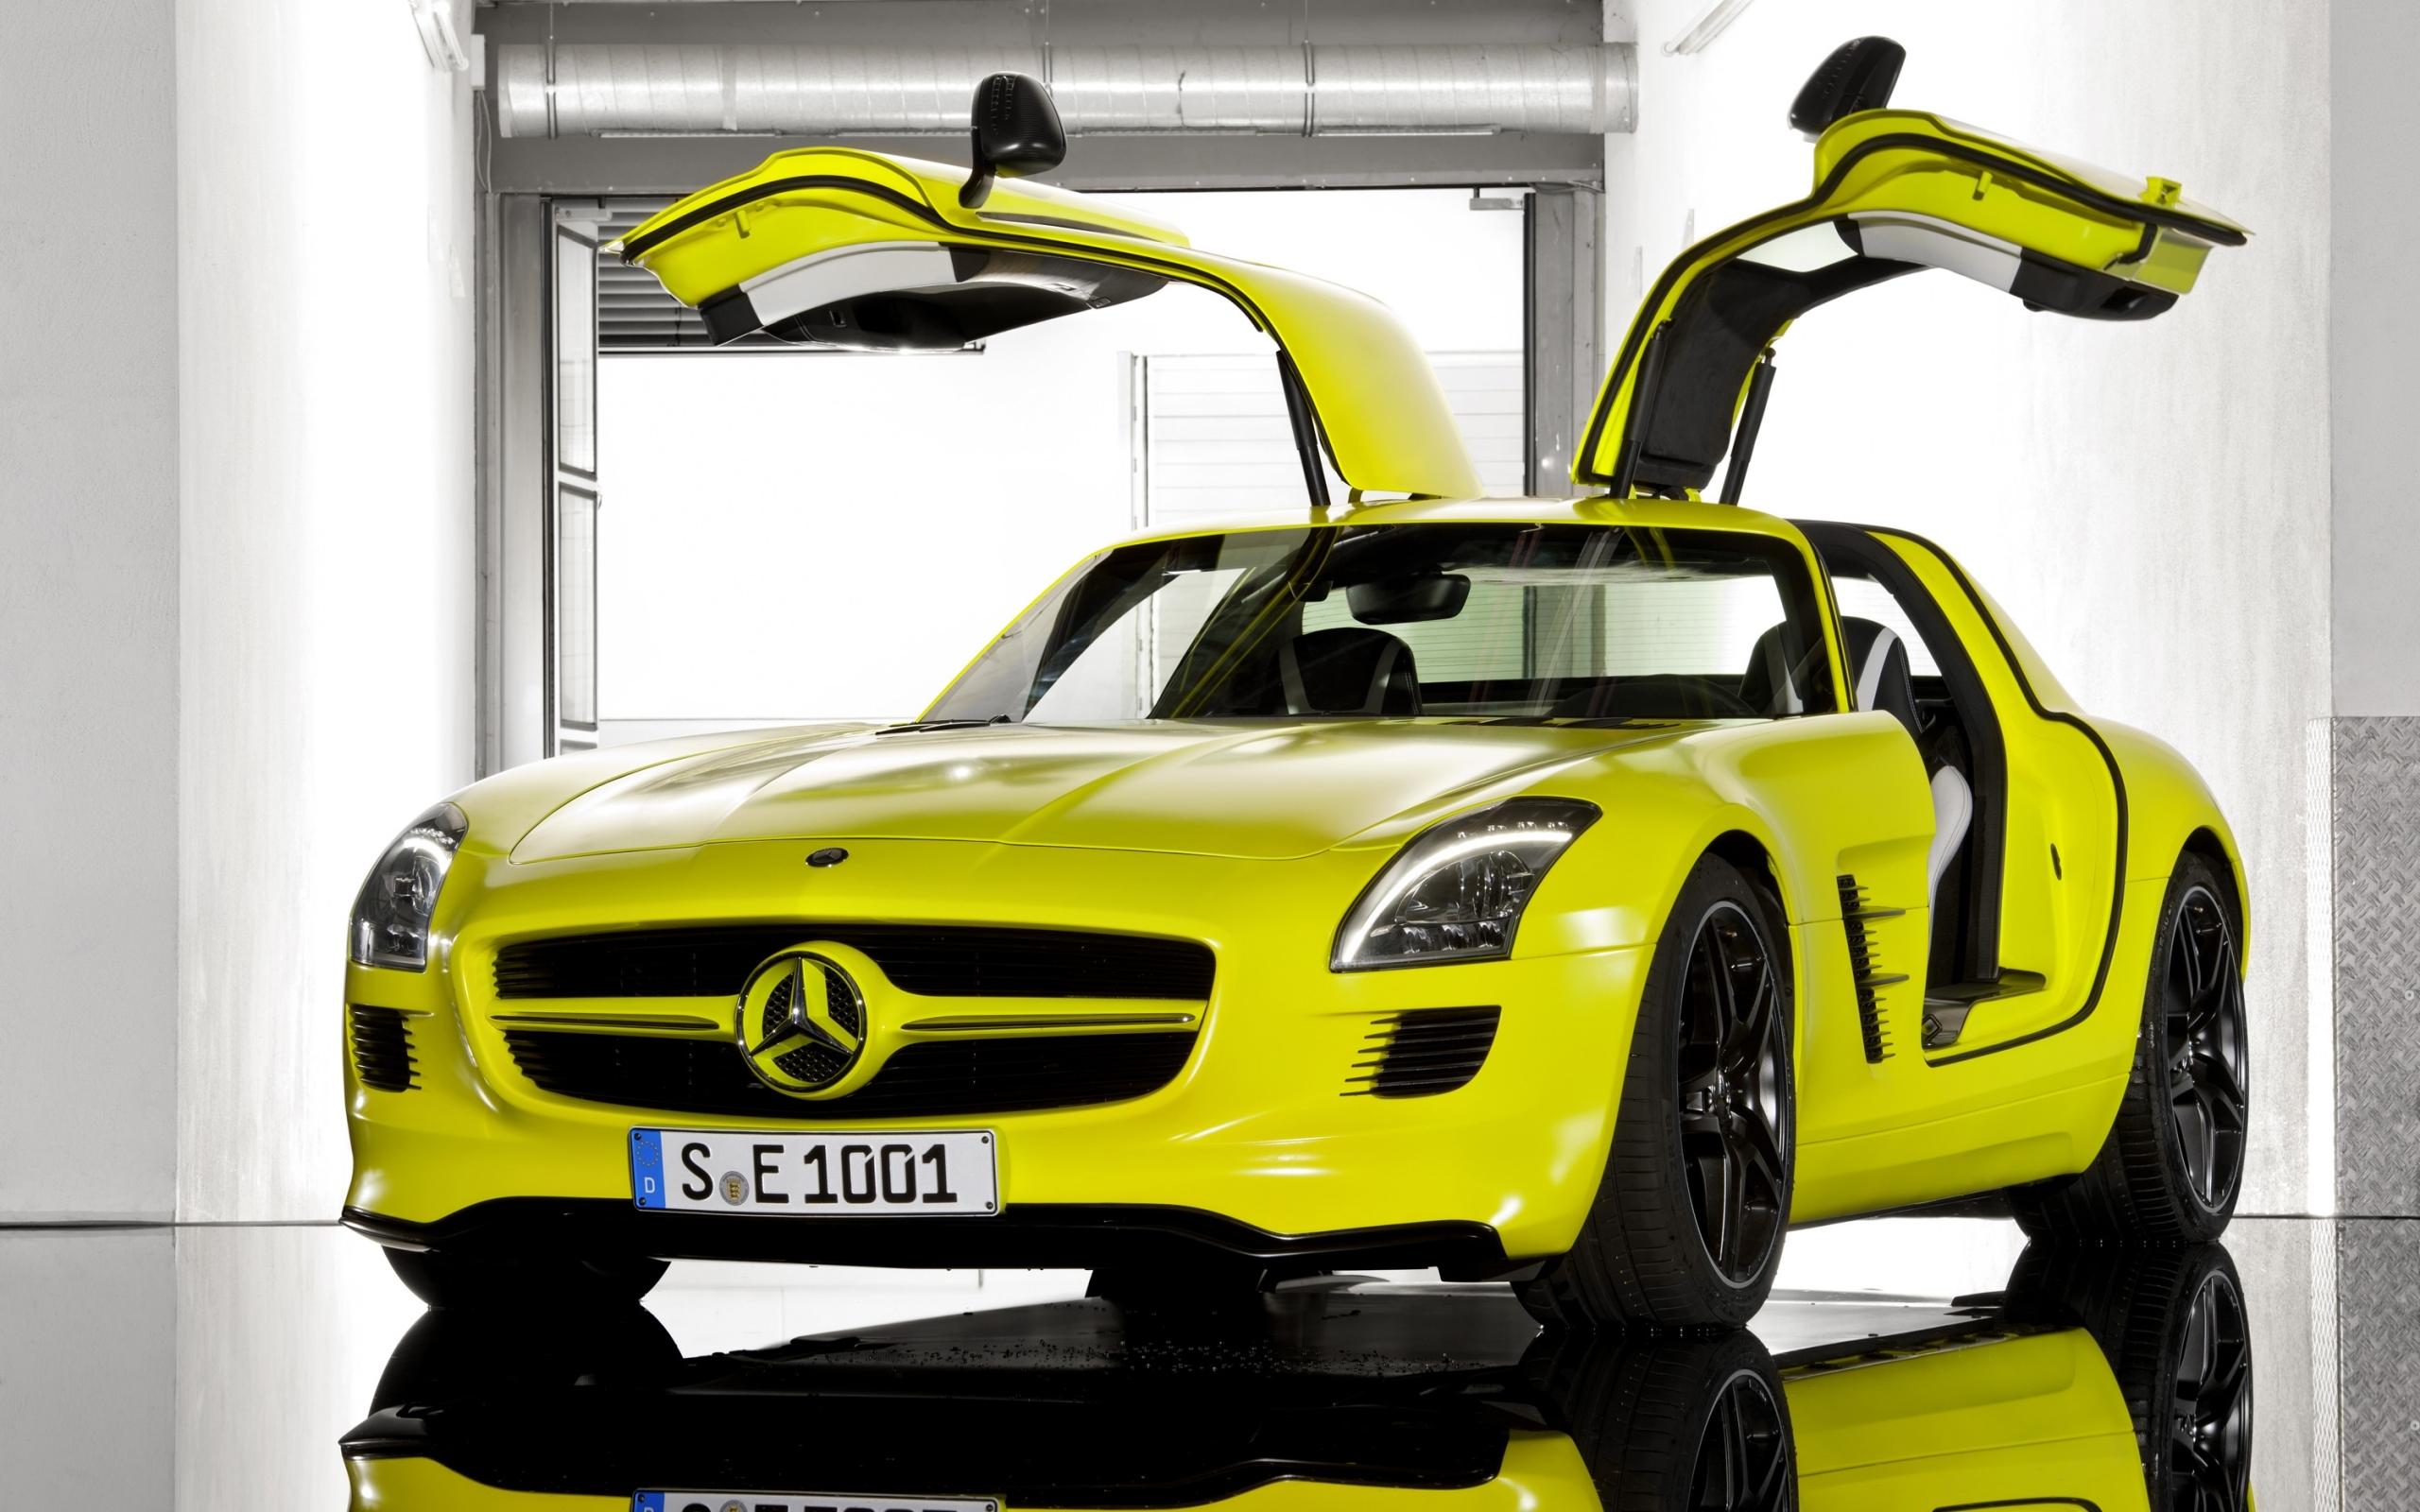 Скачать картинку Машины, Мерседес (Mercedes), Транспорт в телефон бесплатно.